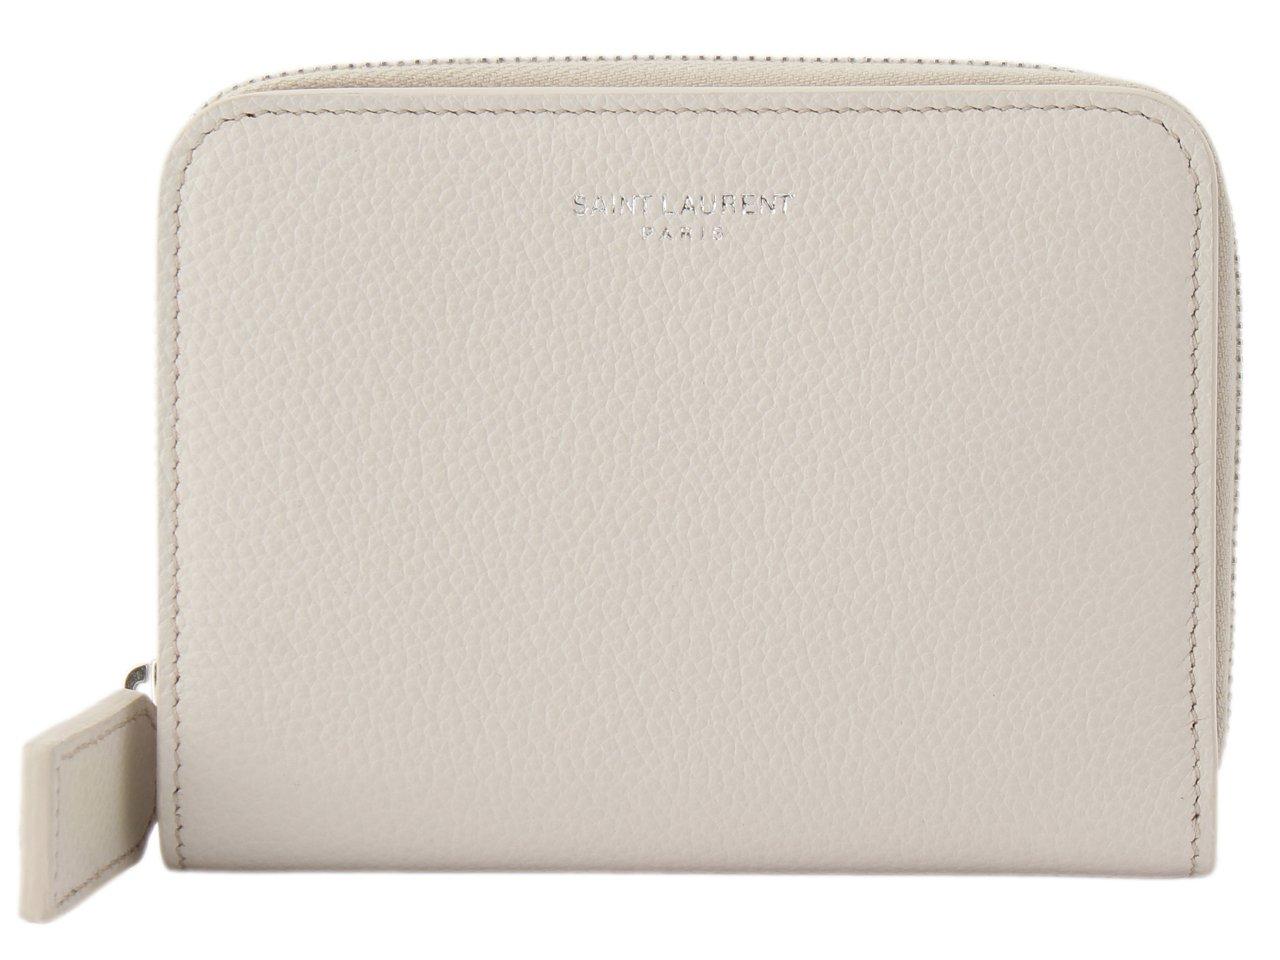 (サンローラン) SAINT LAURENT 財布 二つ折り ラウンドファスナー レザー 414661 [並行輸入品] B075S1TTT2 ICY WHITE ICY WHITE